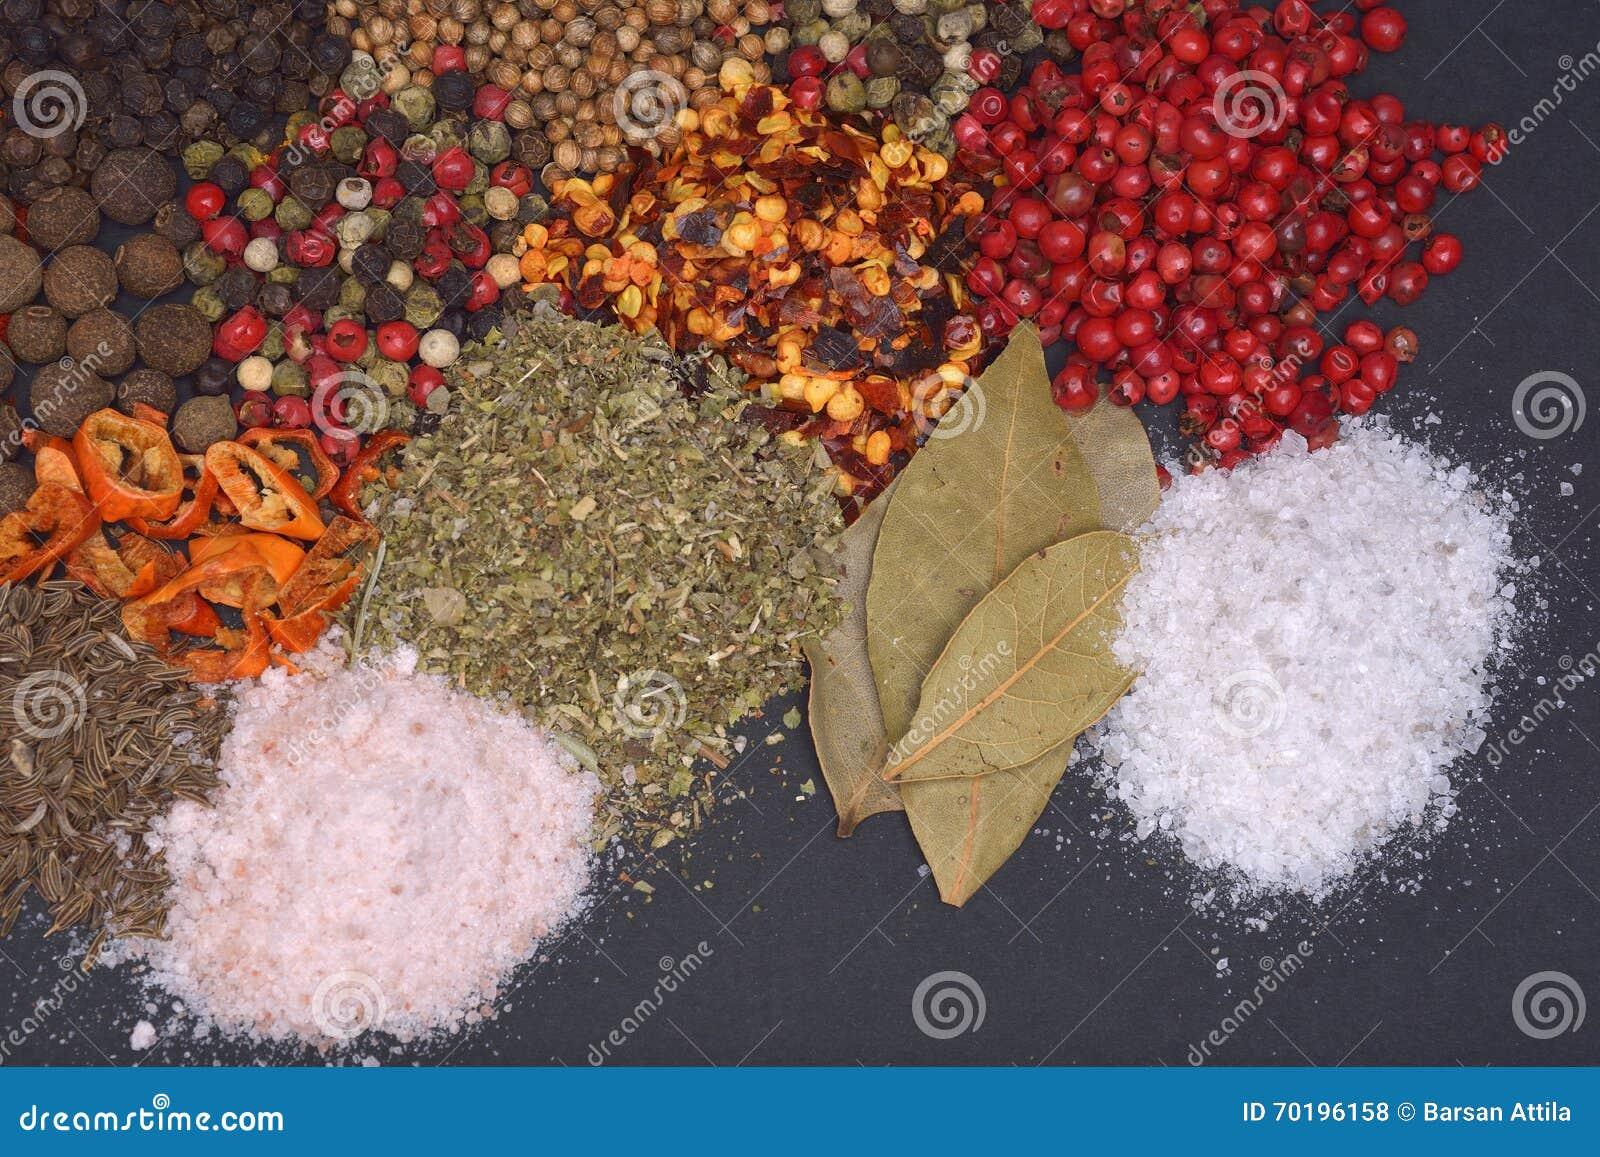 Sammansättning med olika kryddor och örter